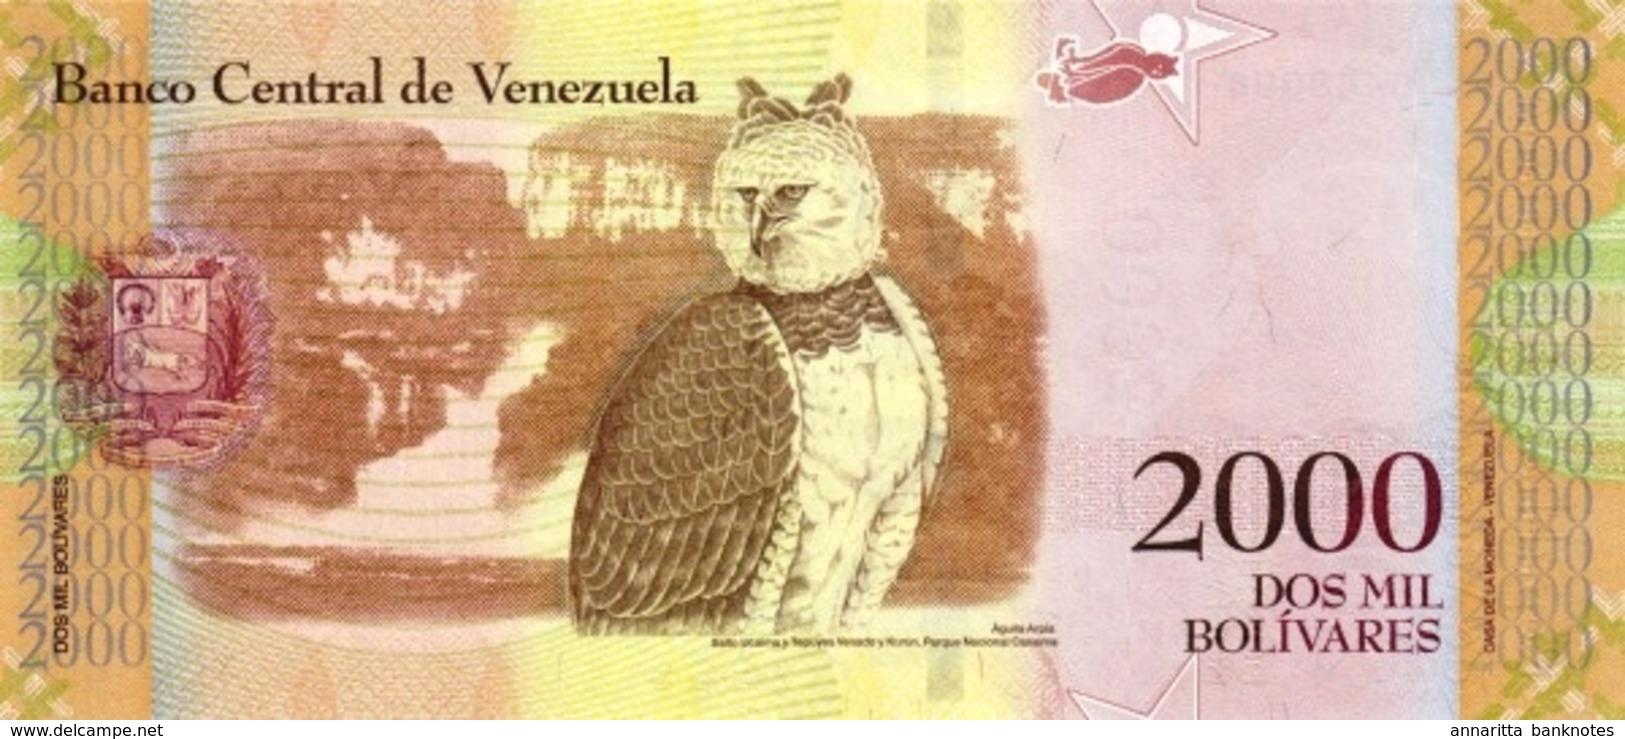 VENEZUELA 2000 BOLIVARES 2016 (2017) P-96a NEUF [VE096a] - Venezuela